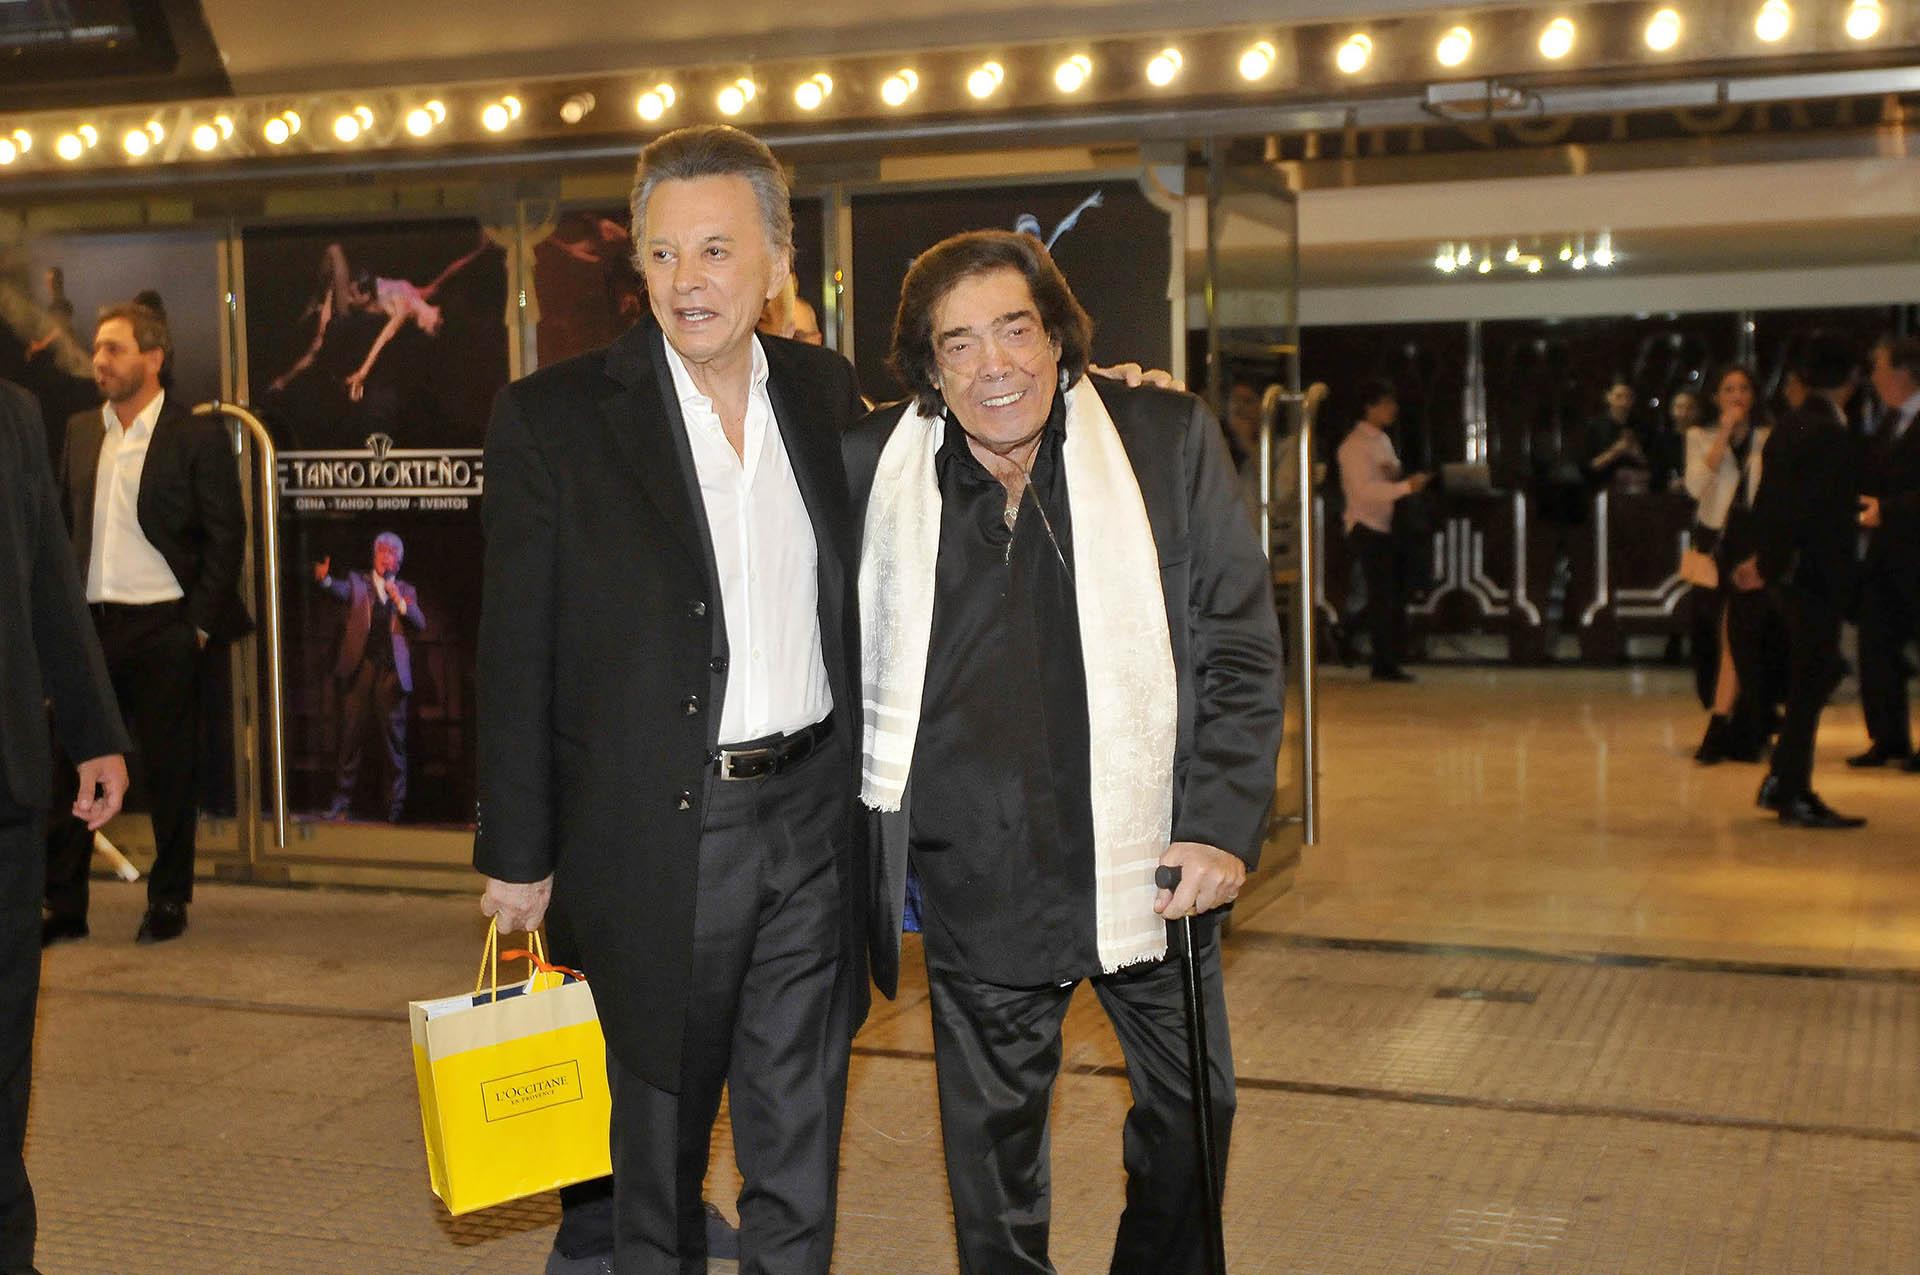 Palito Ortega y Cacho Castaña, quienes dieron un show durante la celebración